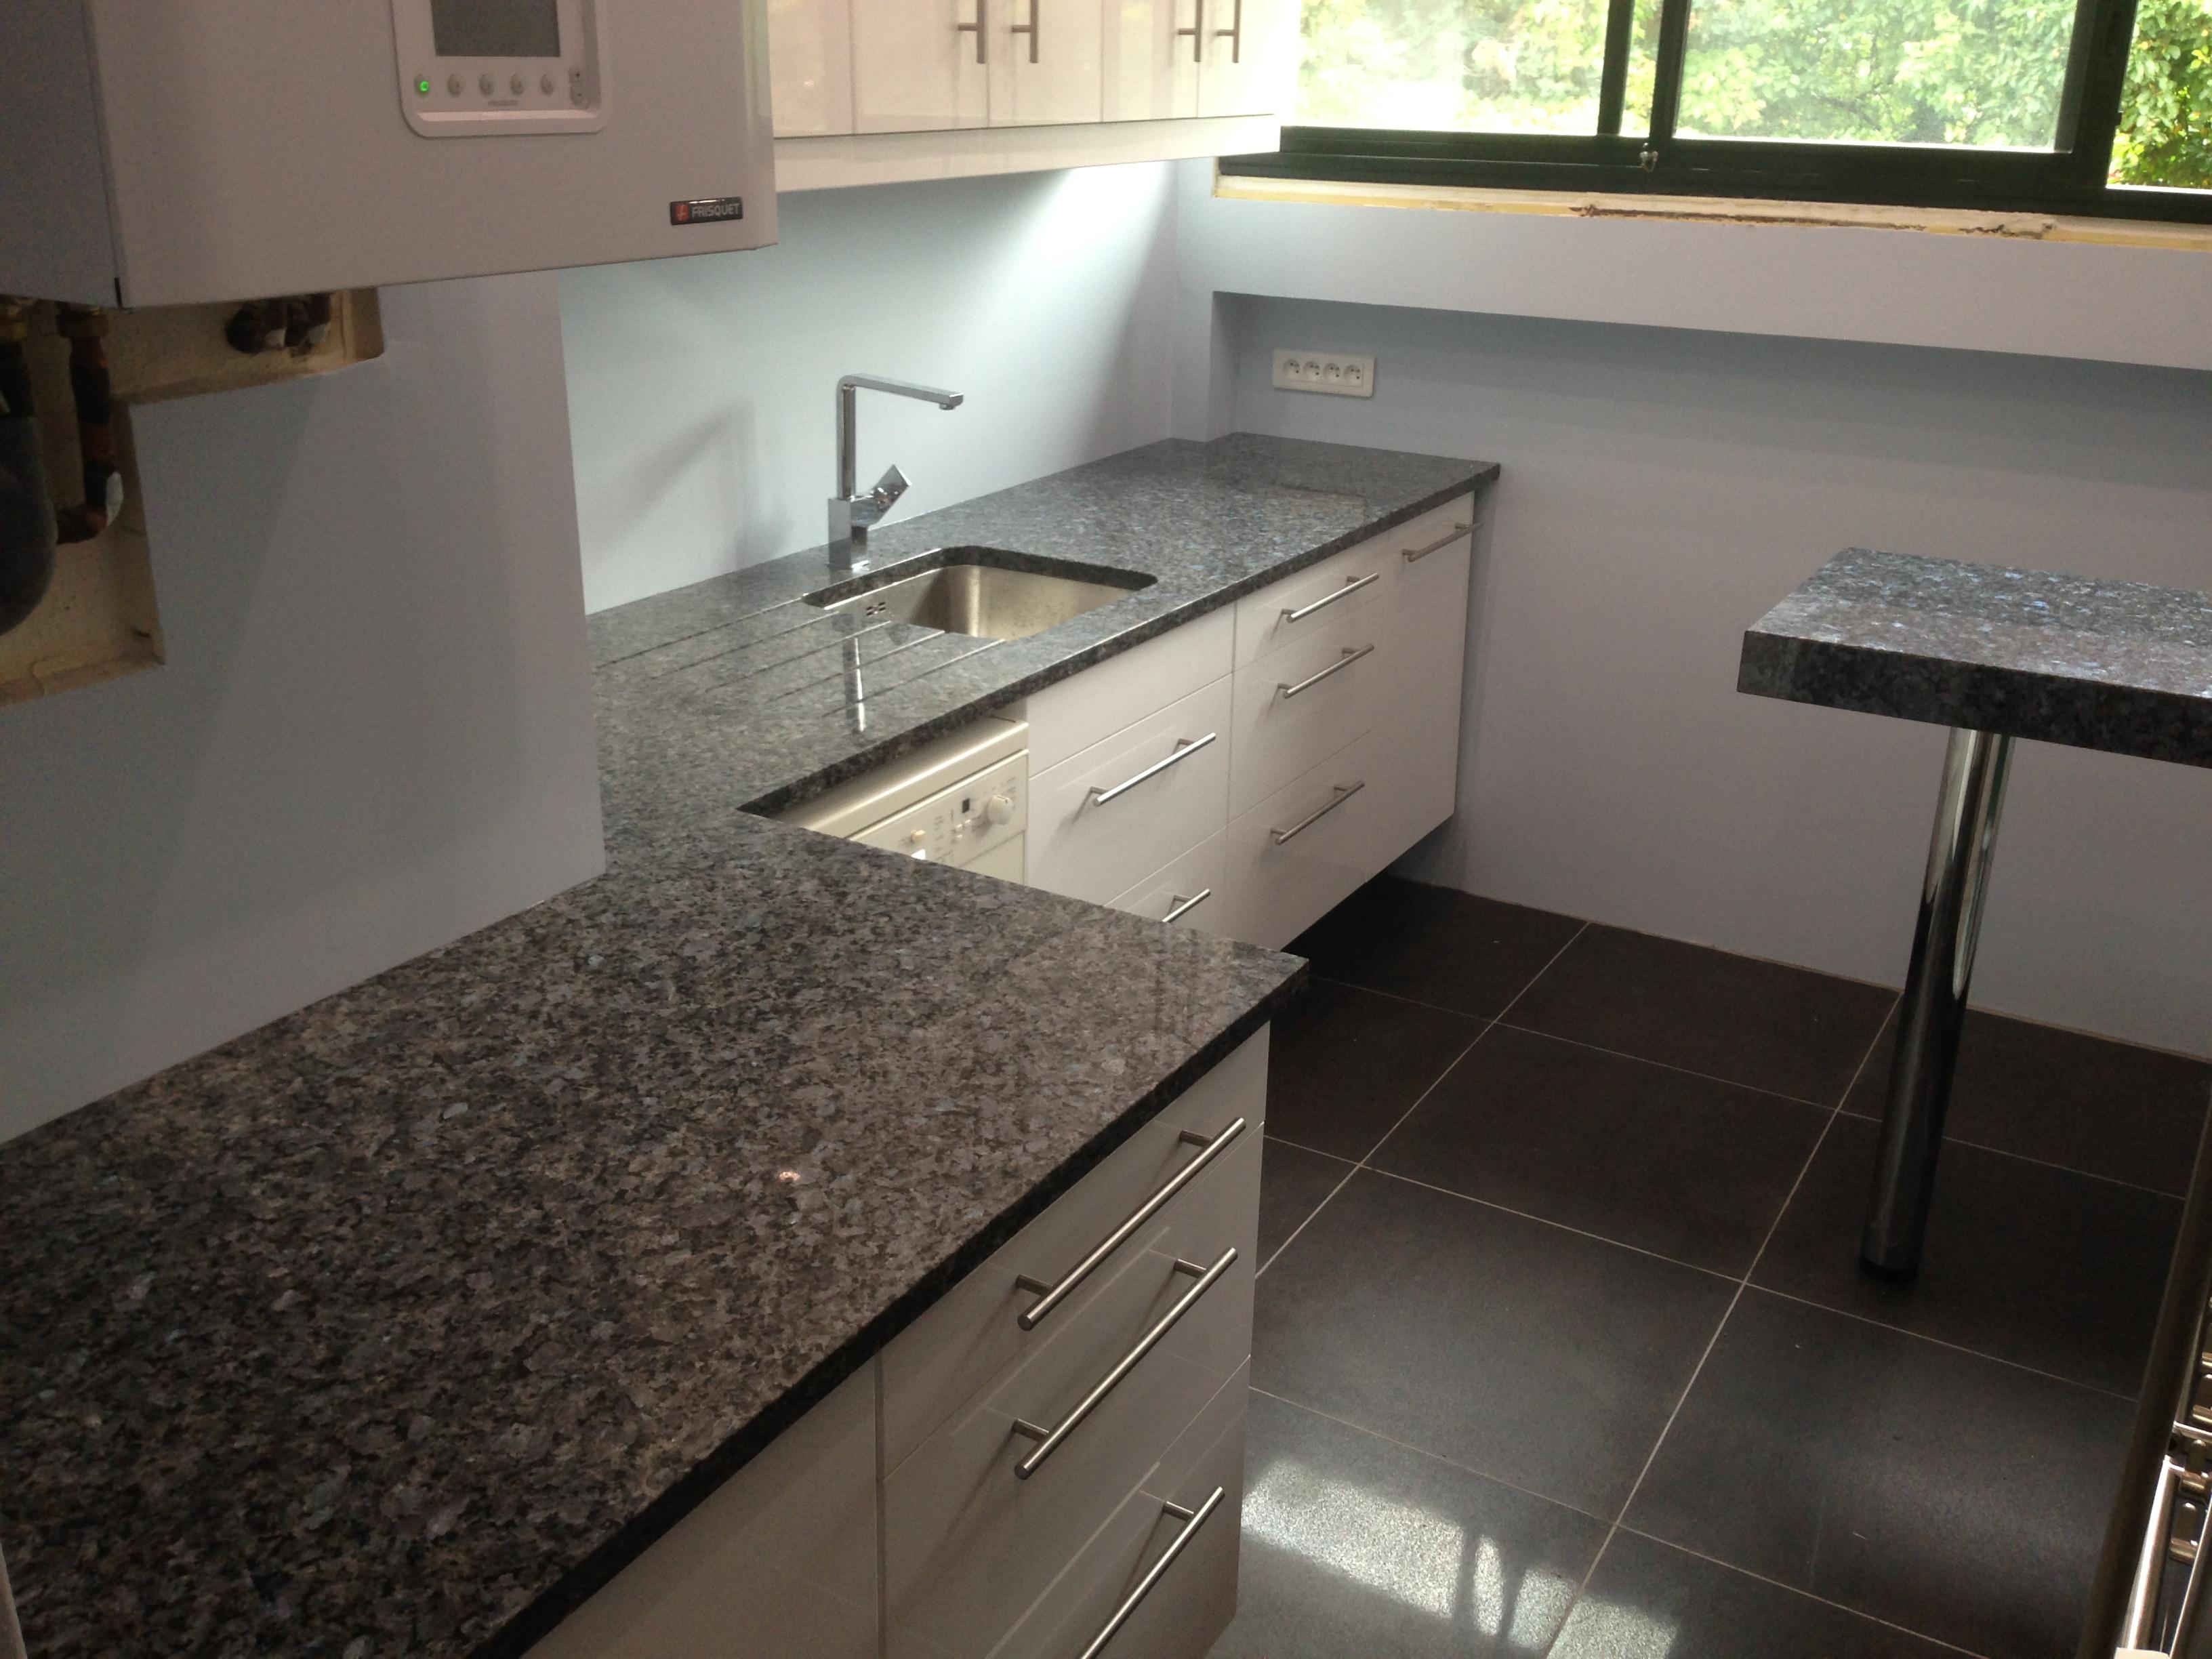 devis plan de travail com paris granit quartz marbre plans de travail granit. Black Bedroom Furniture Sets. Home Design Ideas